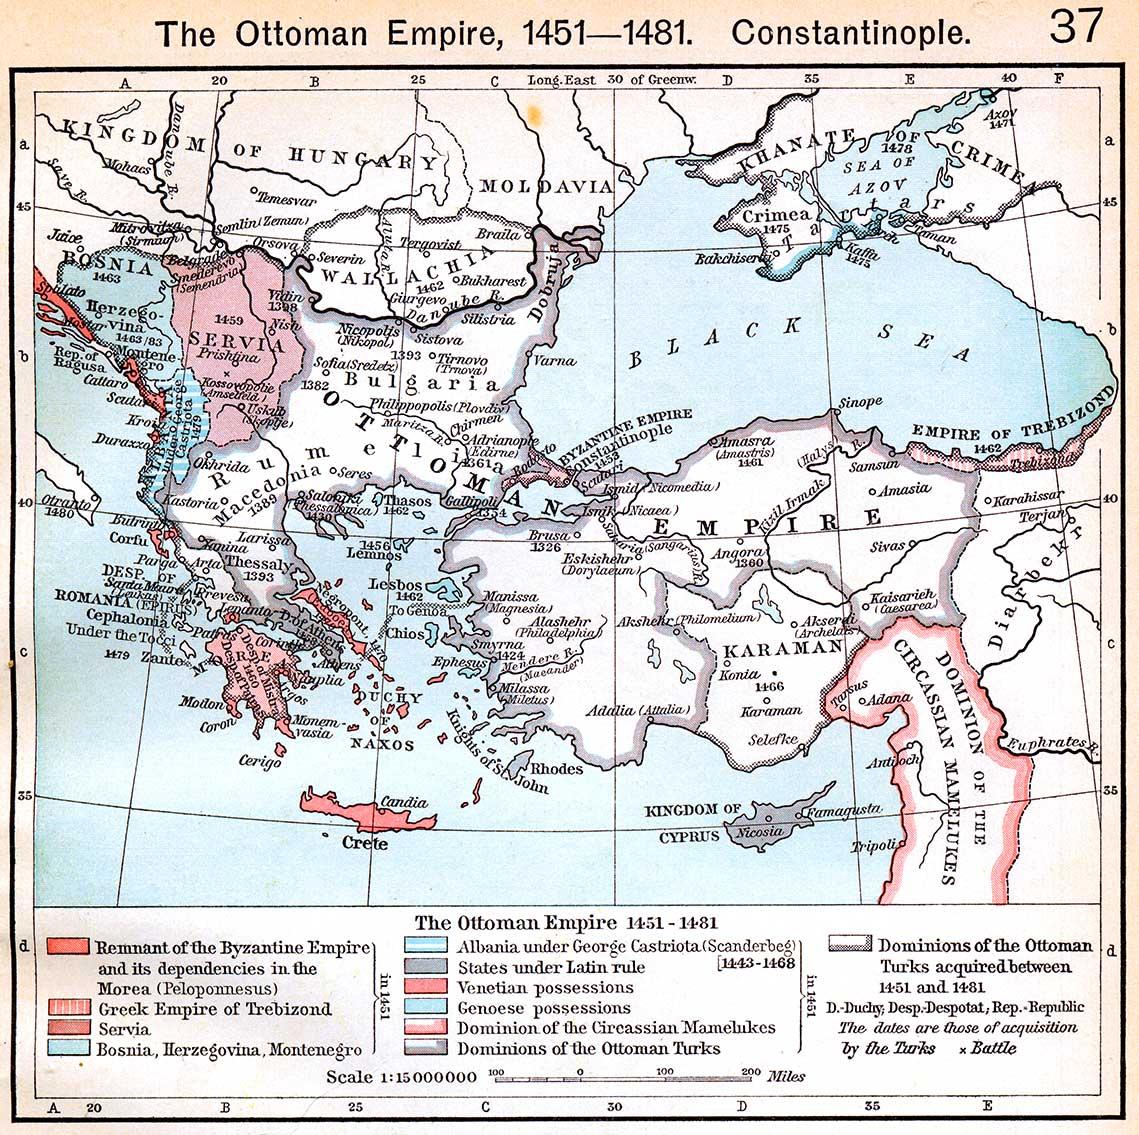 El Imperio Otomano 1451-1481